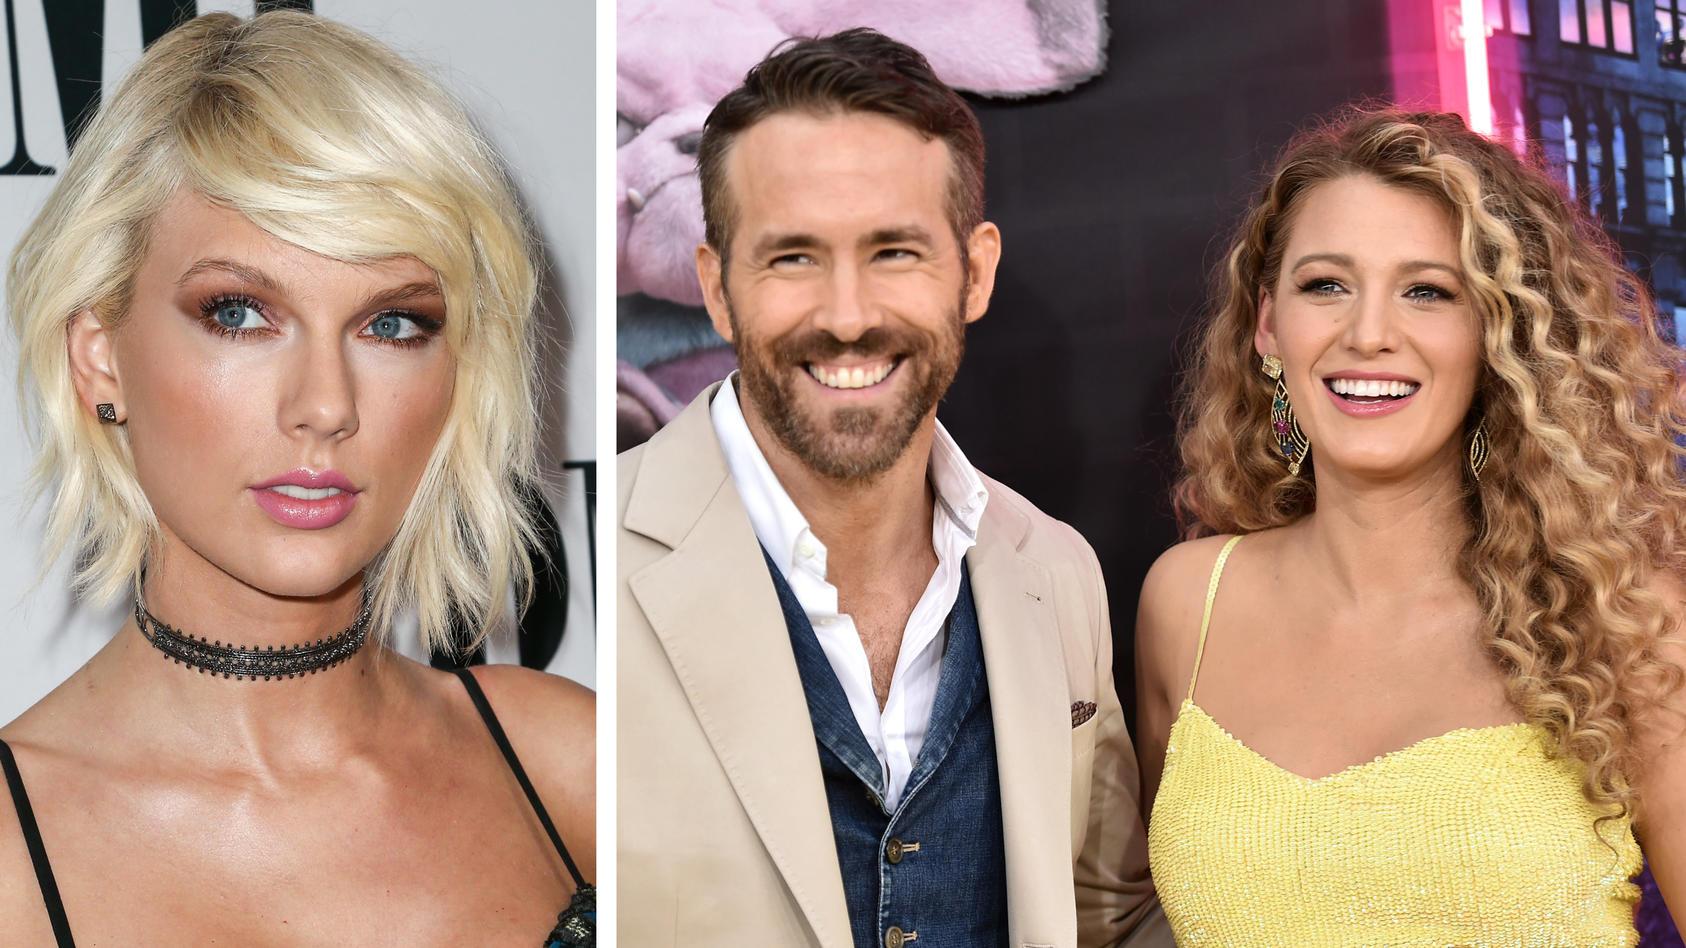 Machte ihren Freunden eine Freude: Taylor Swift (l.) verriet mit ihrem Song den Namen von Ryan Reynolds (m.) und Blake Livelys (r). drittem Kind